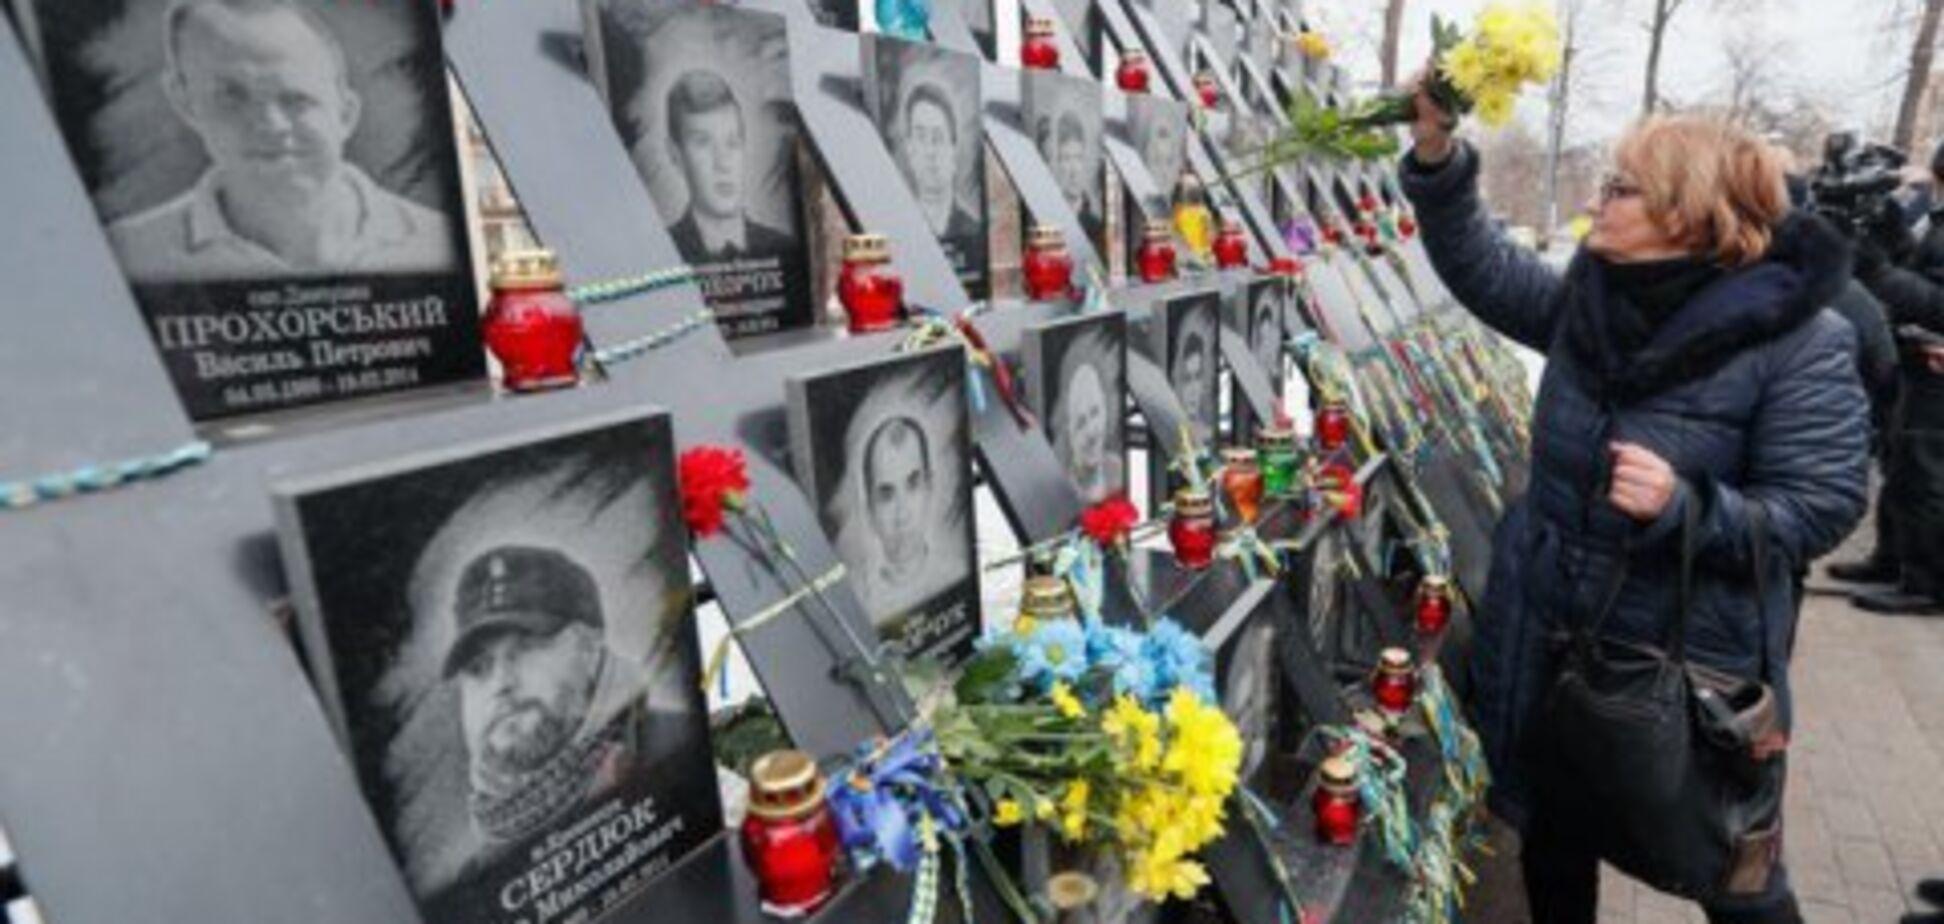 'Будете покарані': у Києві розгорівся скандал навколо активістів через Небесну Сотню